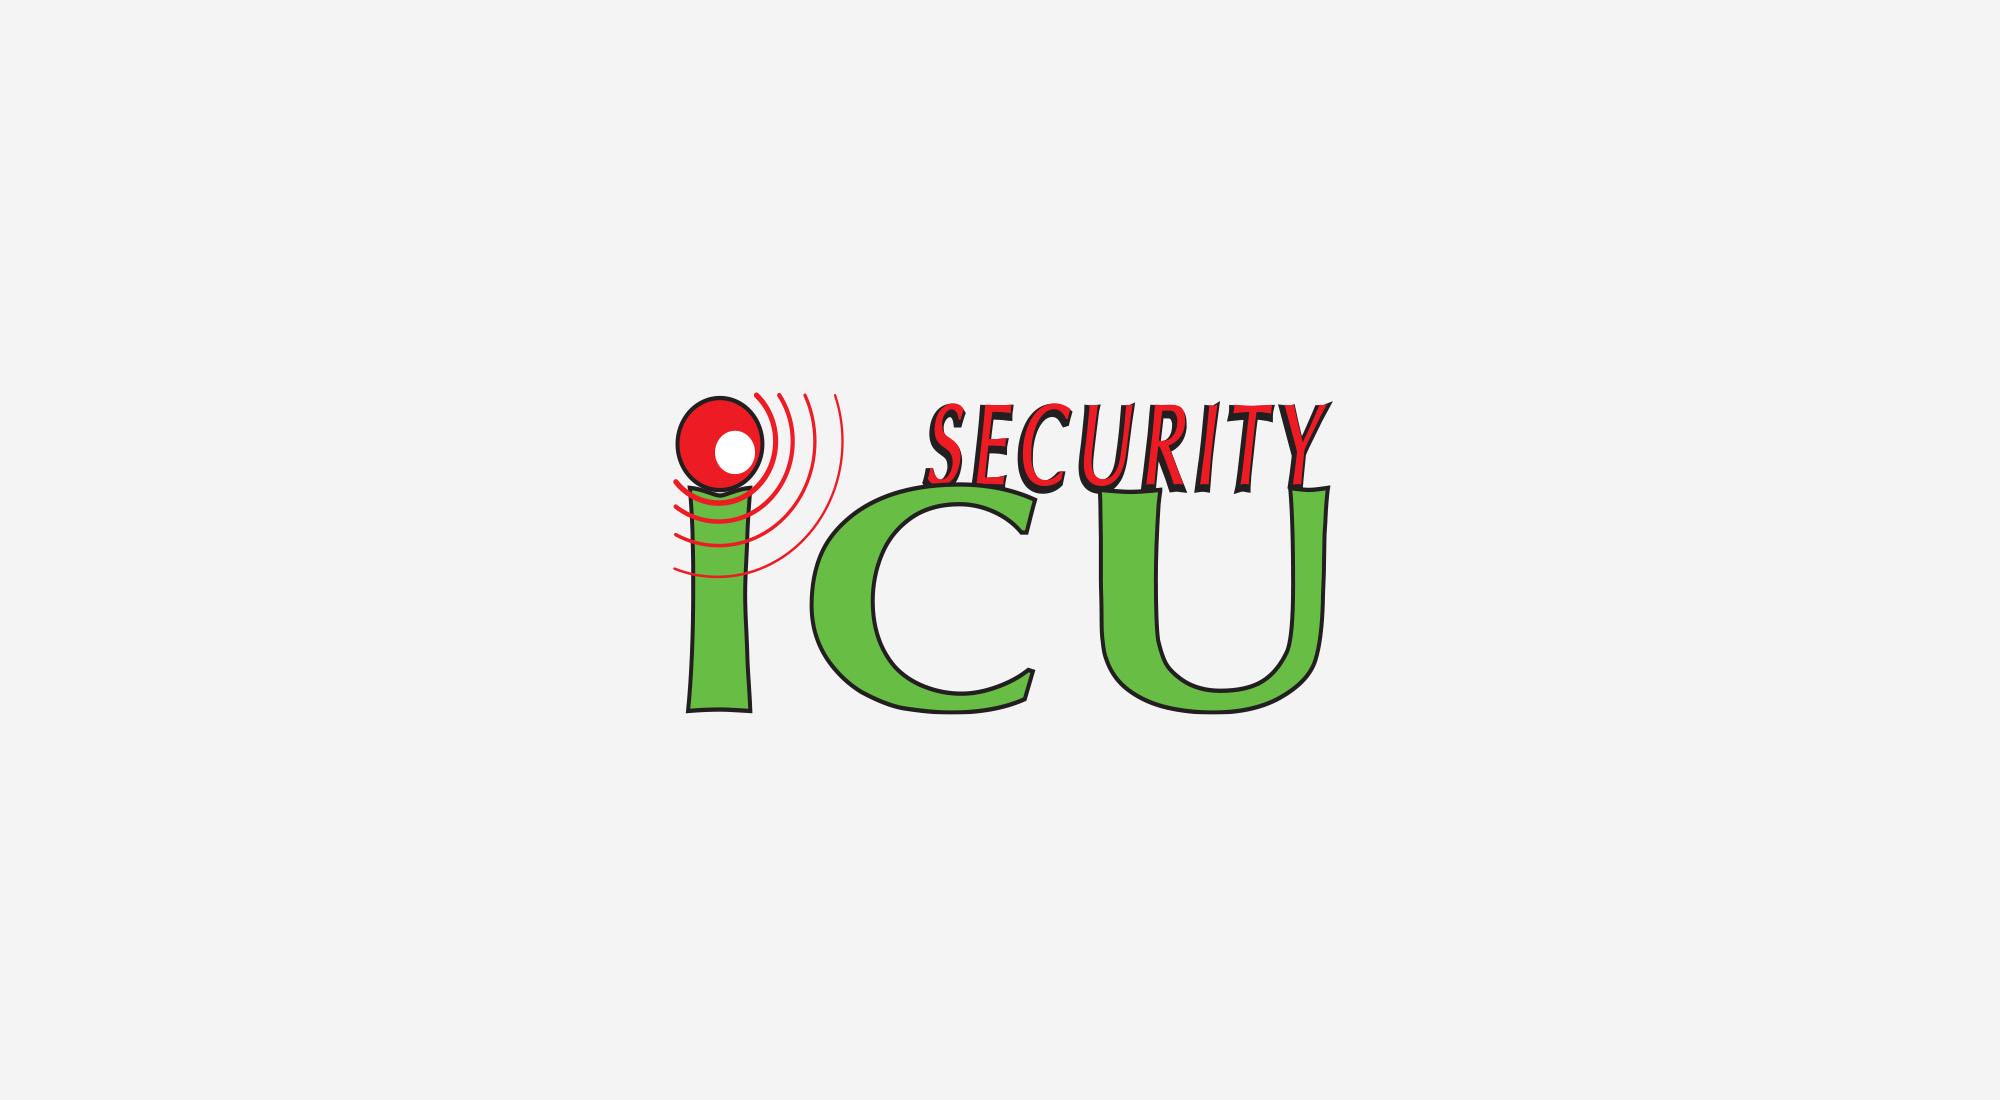 ICU Security Logo